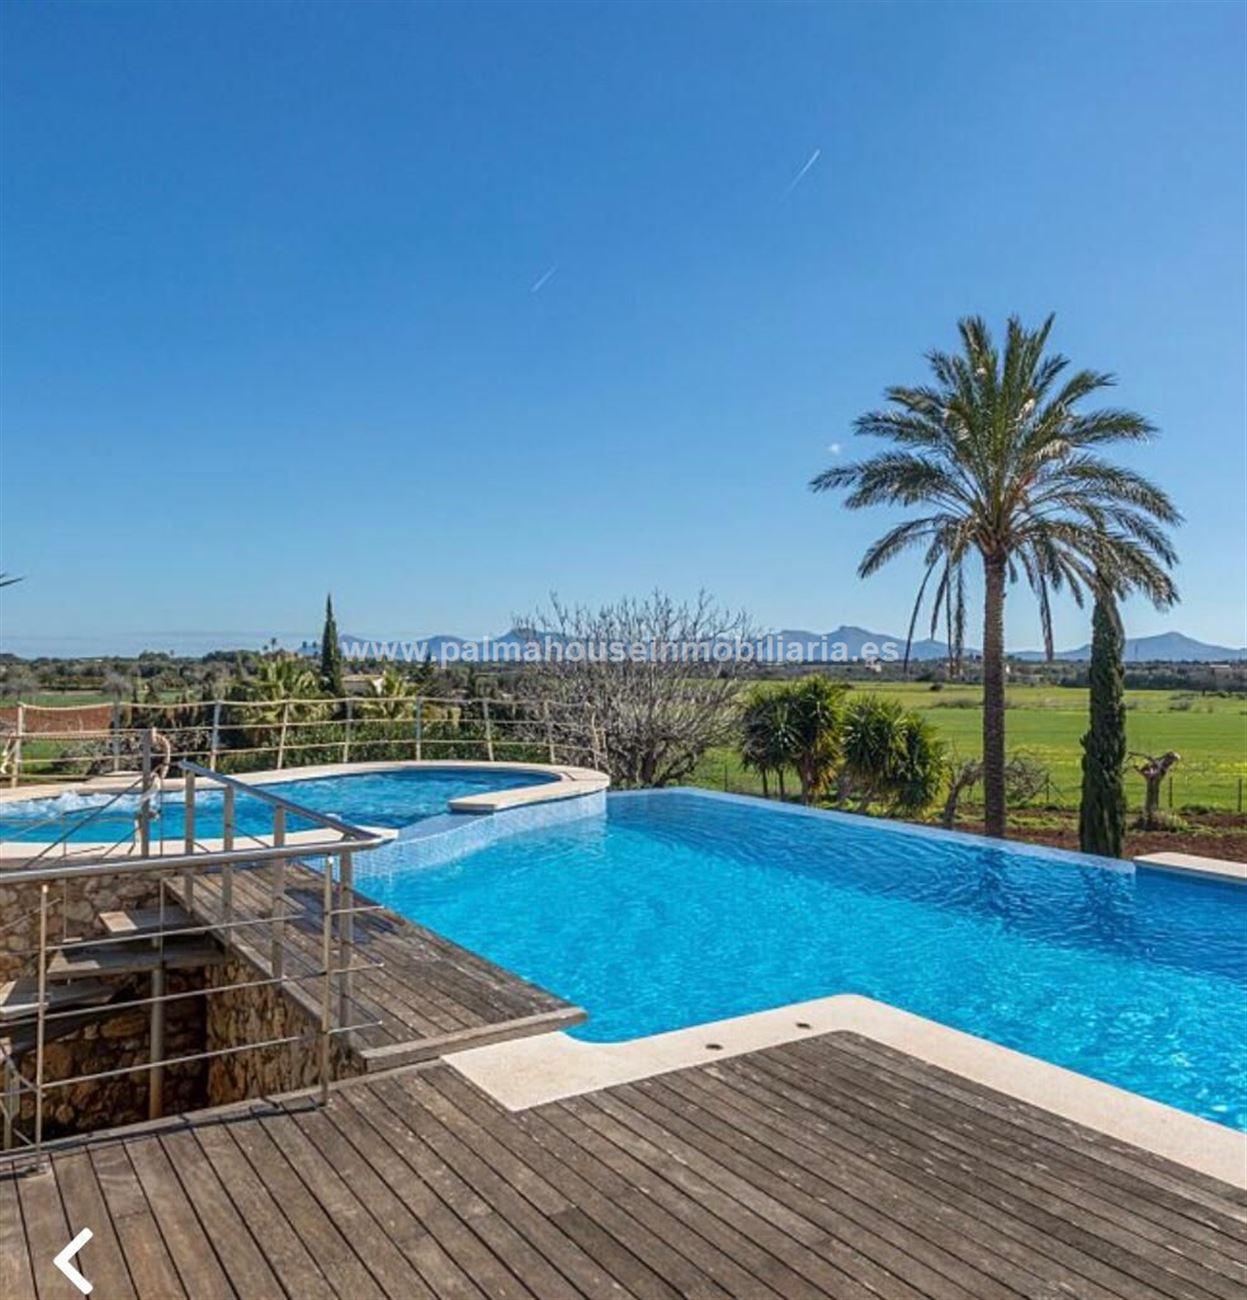 Casa  Santa margalida - can picafort. Villa moderna con licencia vacaional!!!